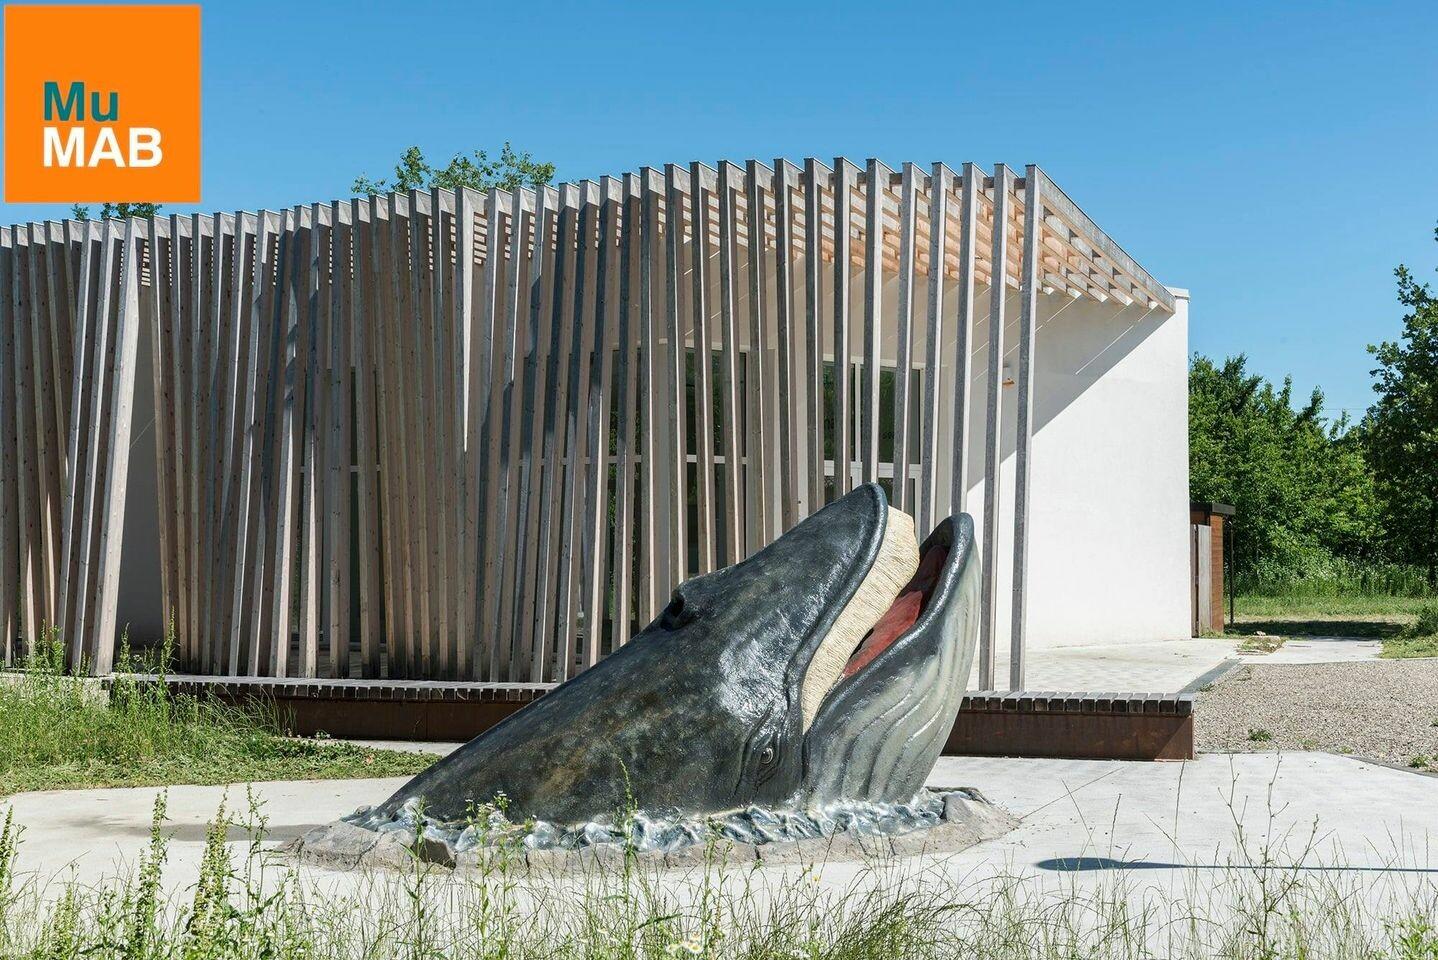 MuMab, Museo Mare Antico e Biodiversità